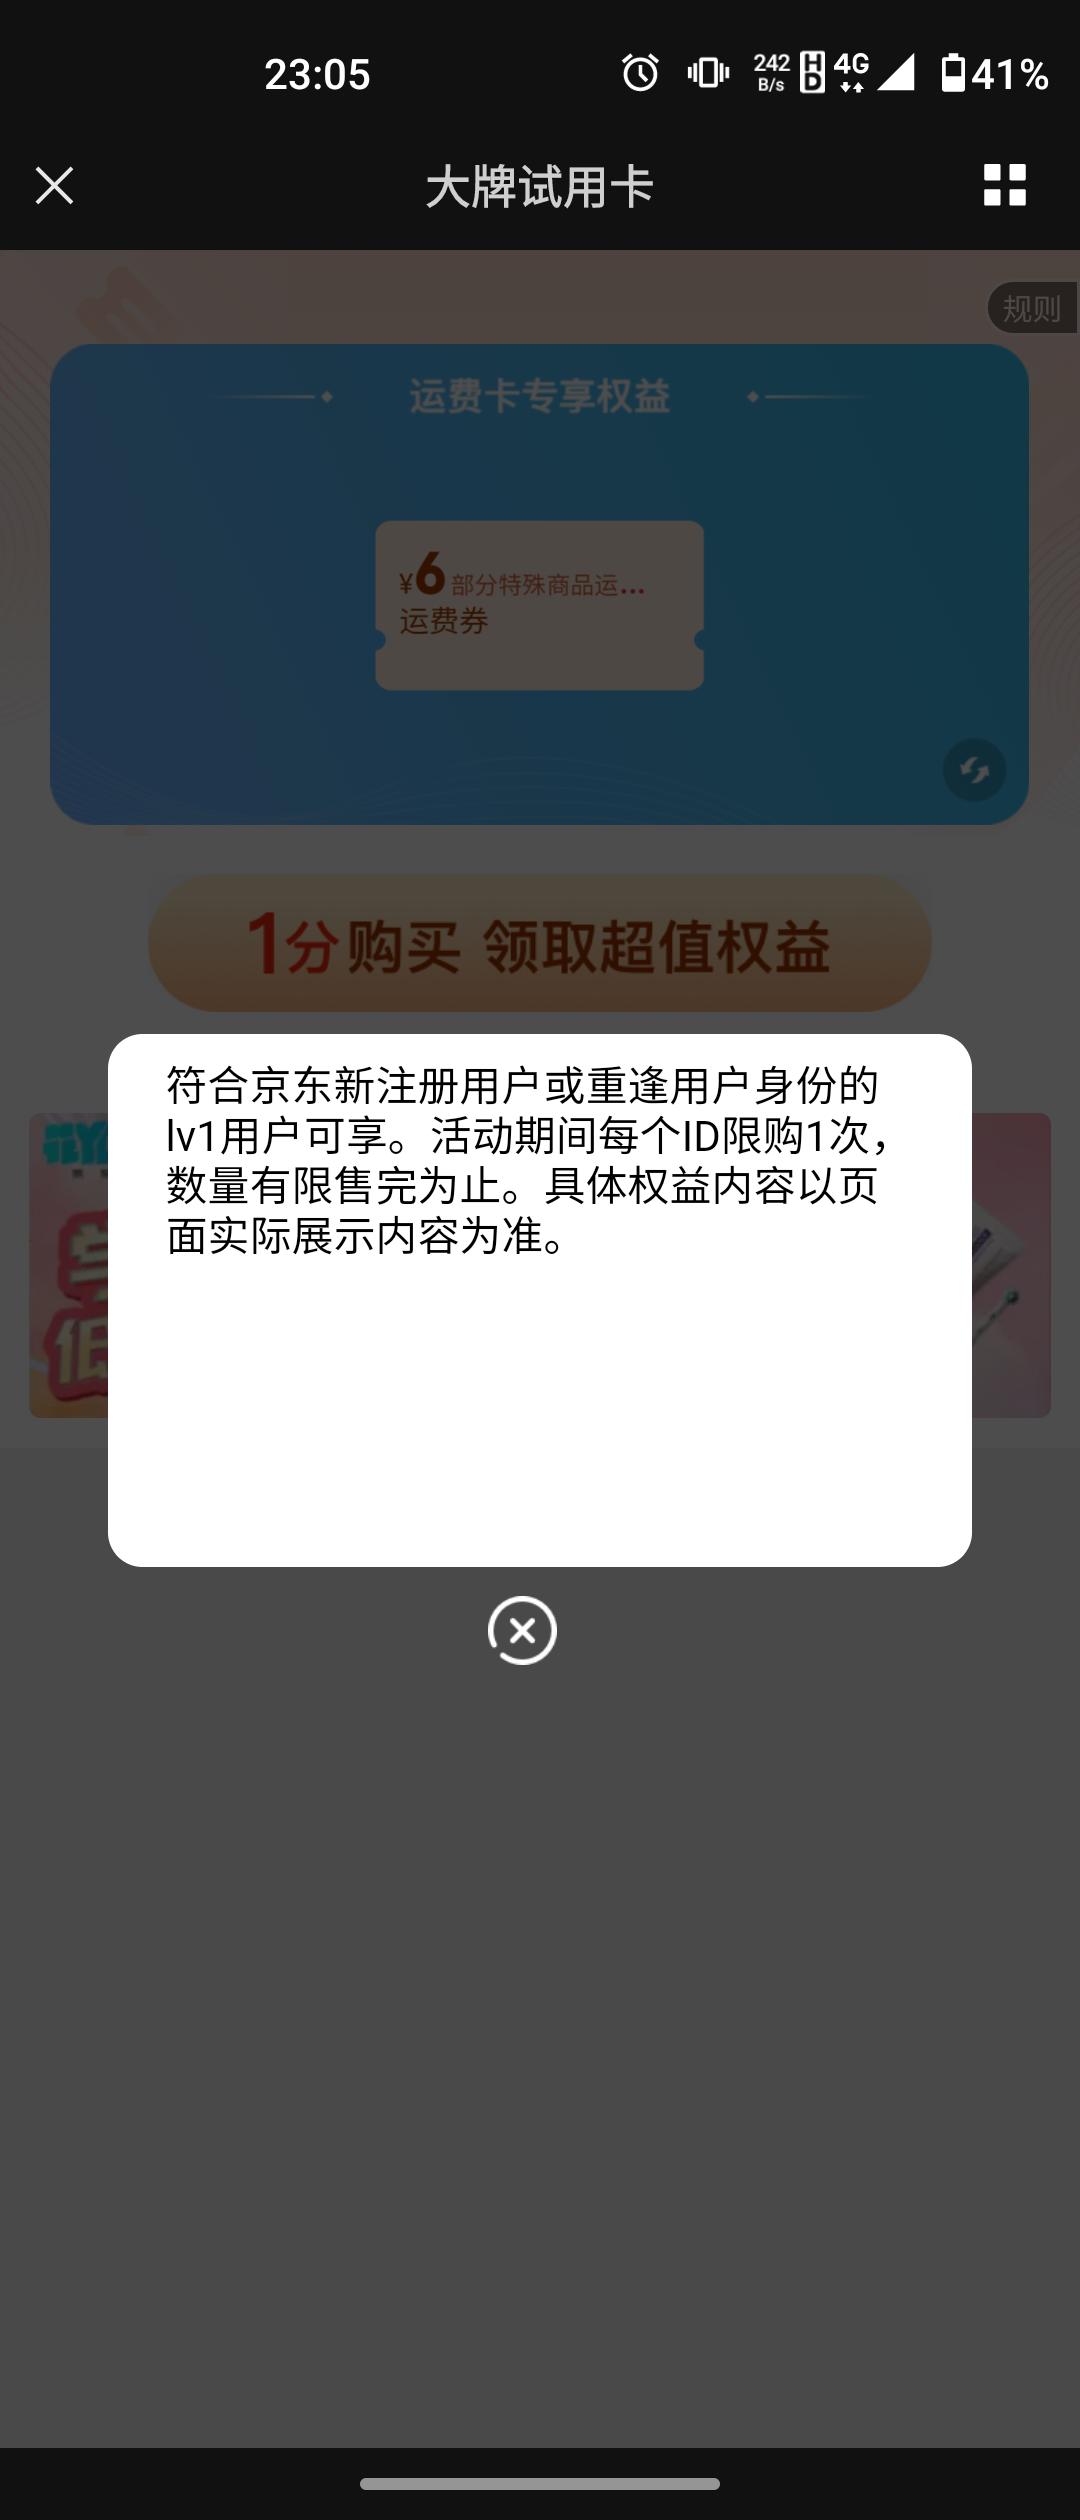 京东0.01撸权益卡+6元红包-线报酷